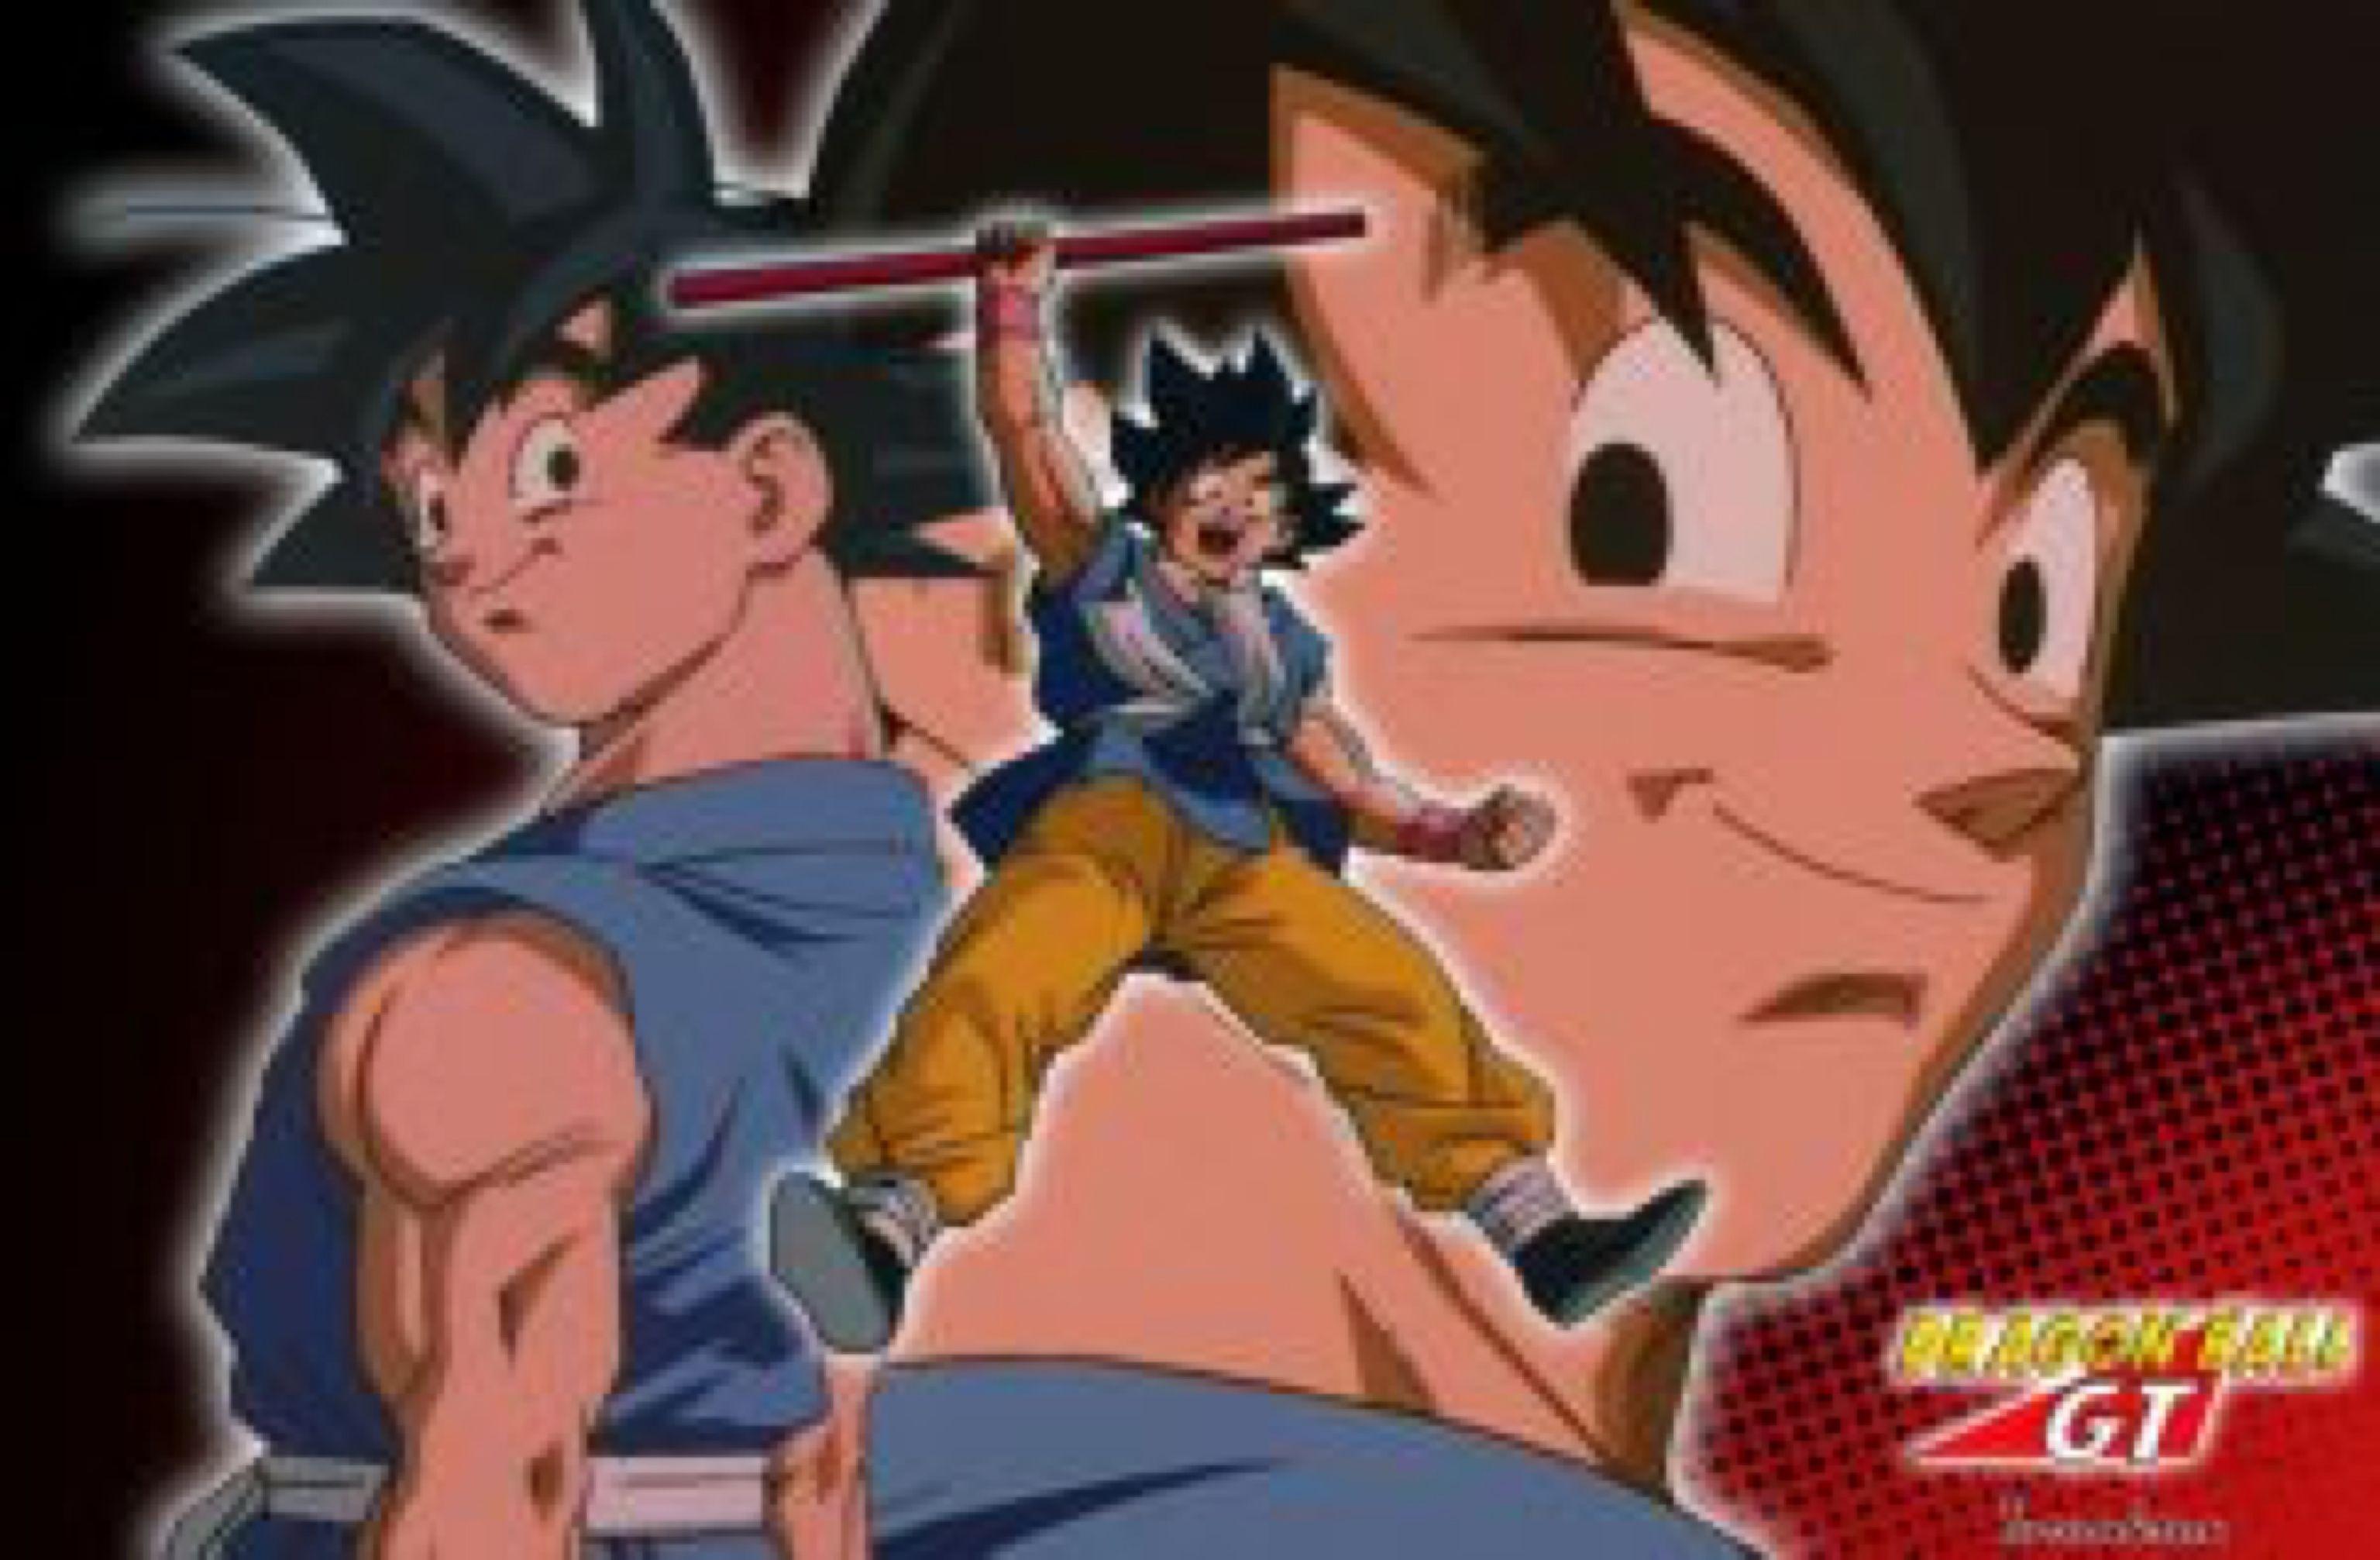 Son Goku Dragon Ball Gt Wallpaper By Turunksun By Turunksun